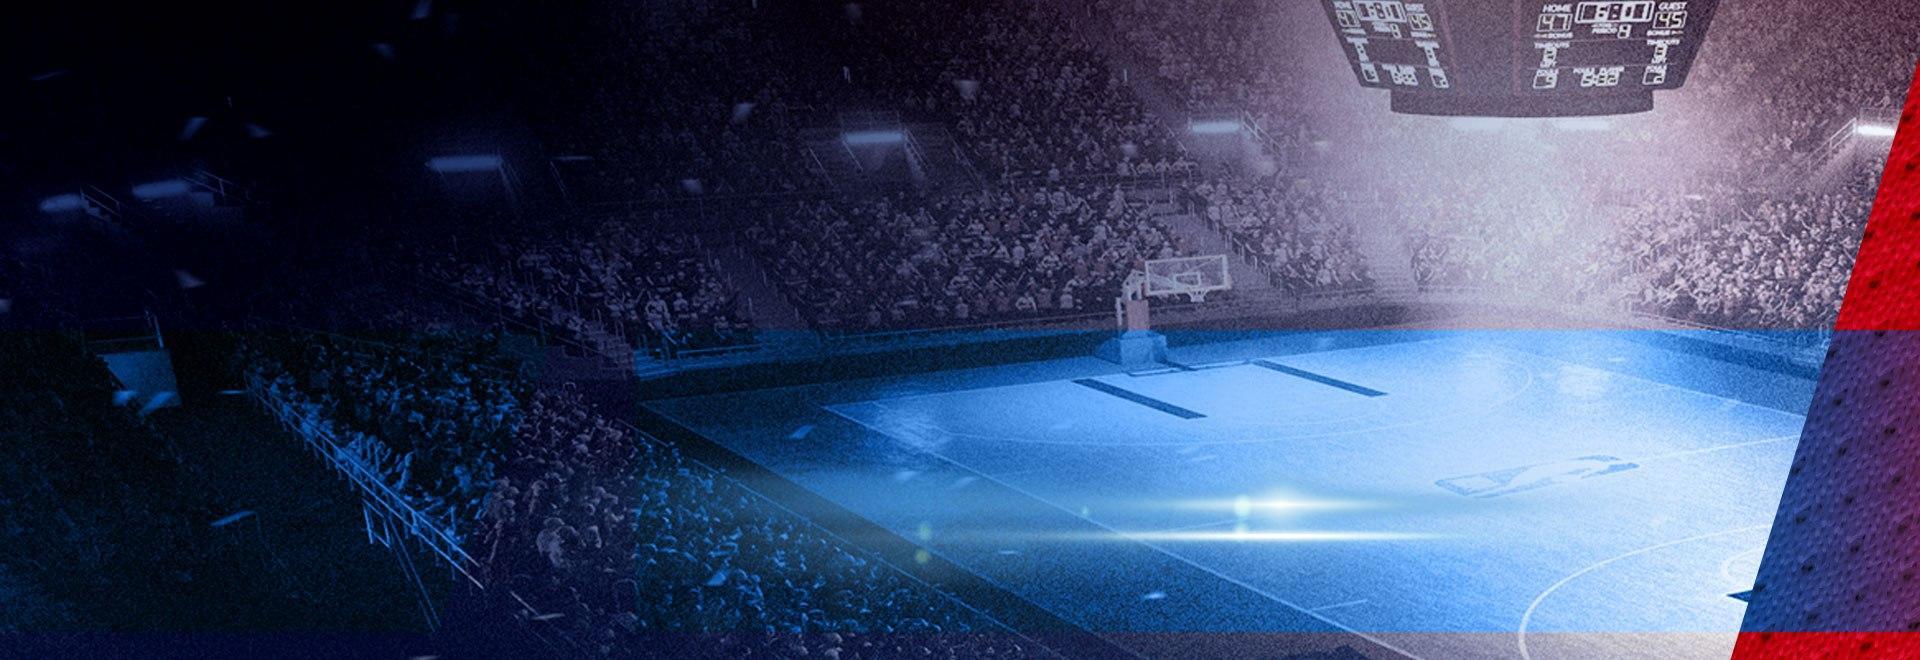 Oklahoma City - San Antonio 02/06/12. East Conf. Finals Gara 4